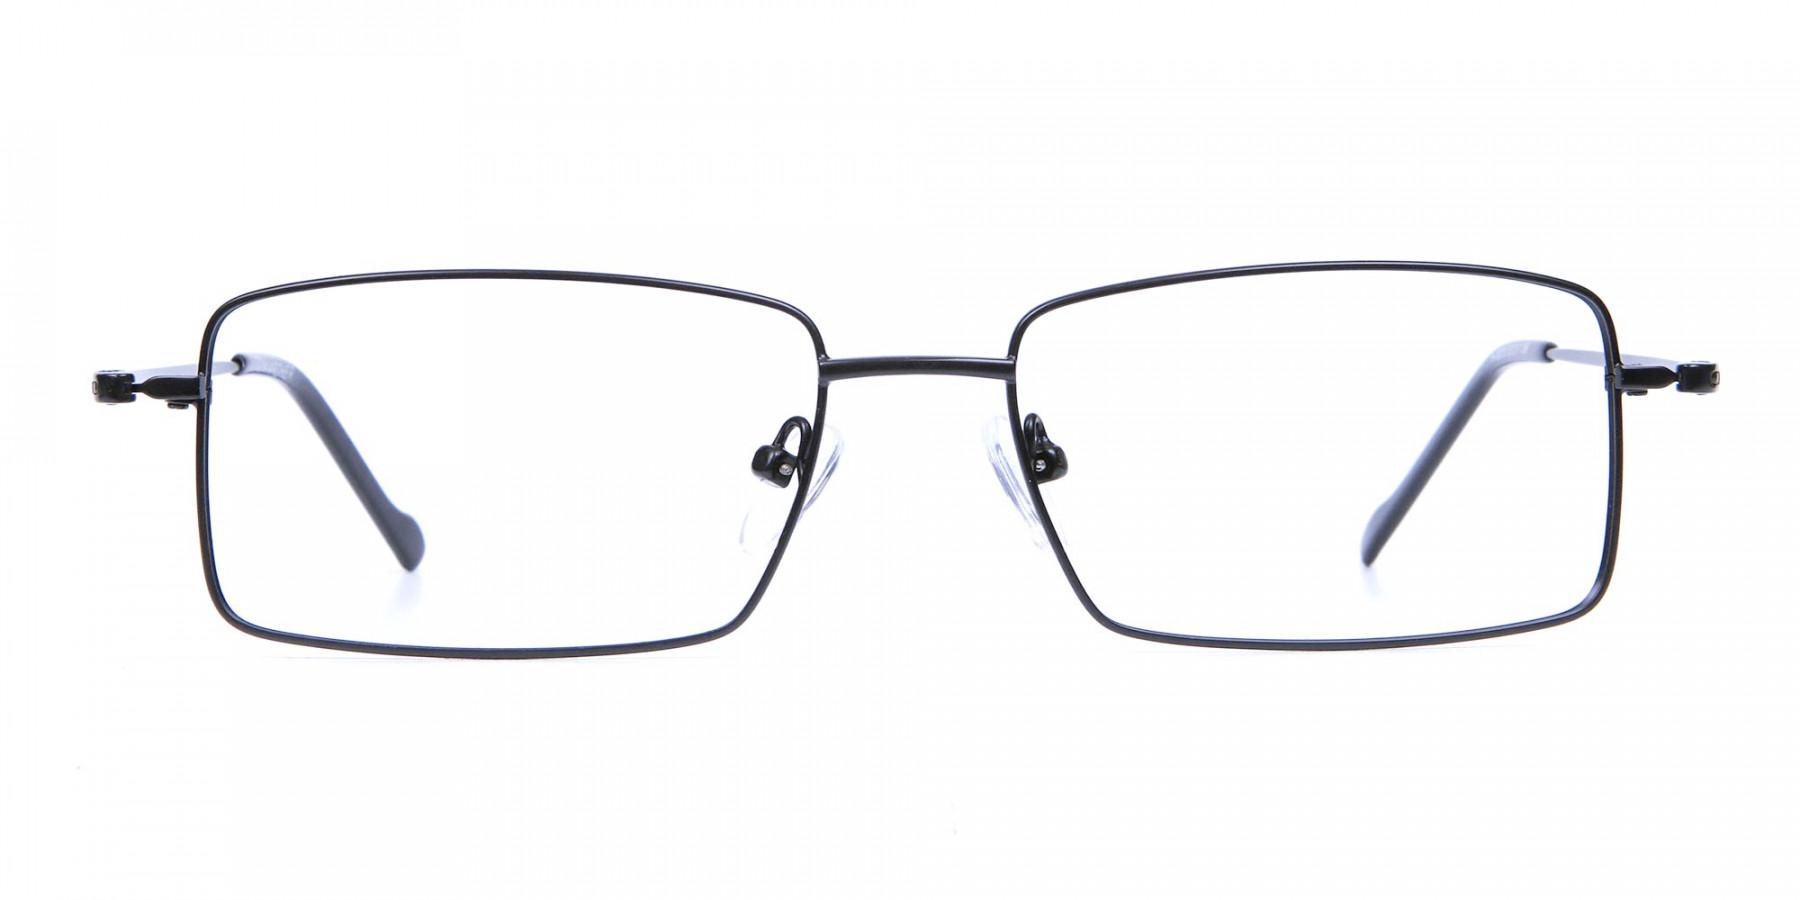 Black Full Rim Metal Glasses - 1